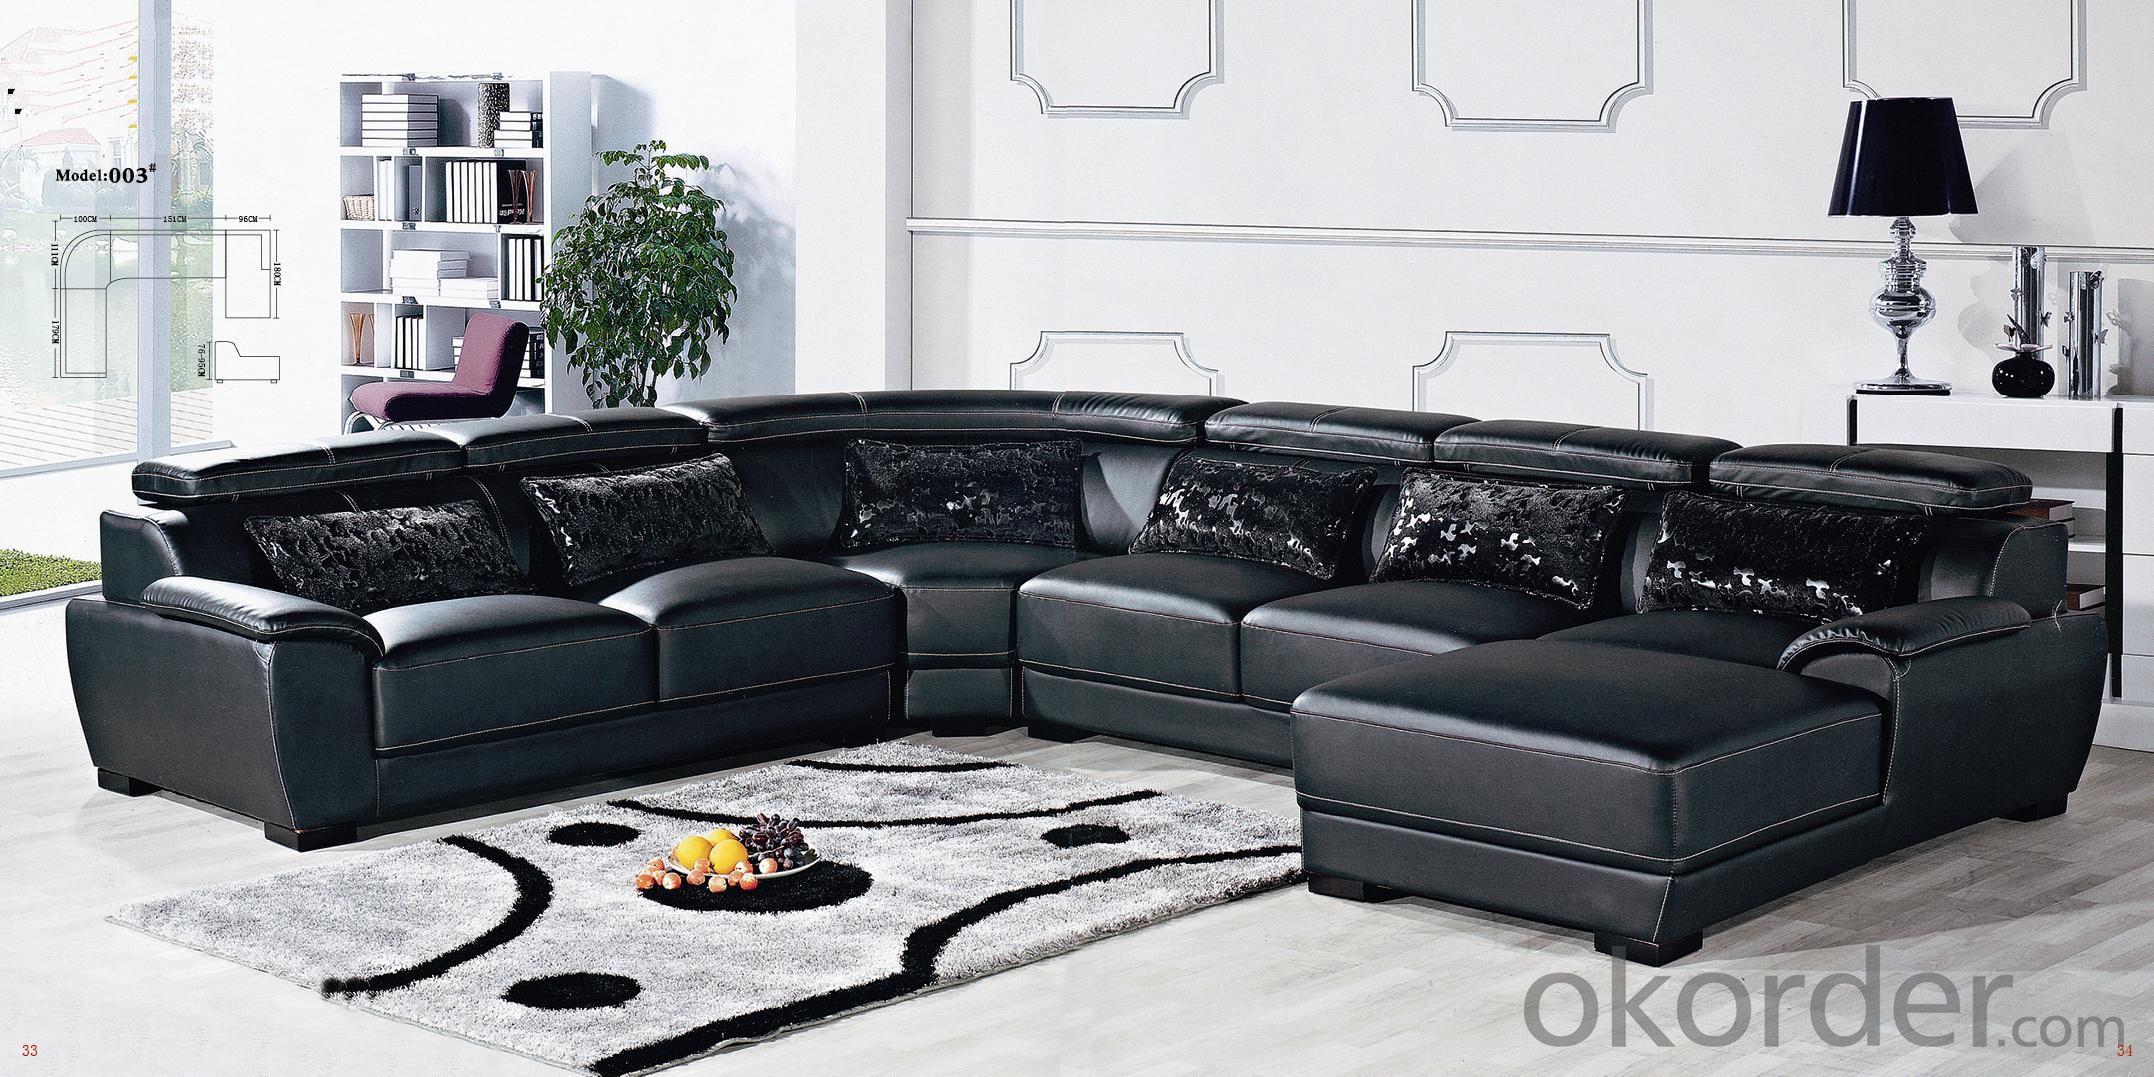 Leather sofa model-13